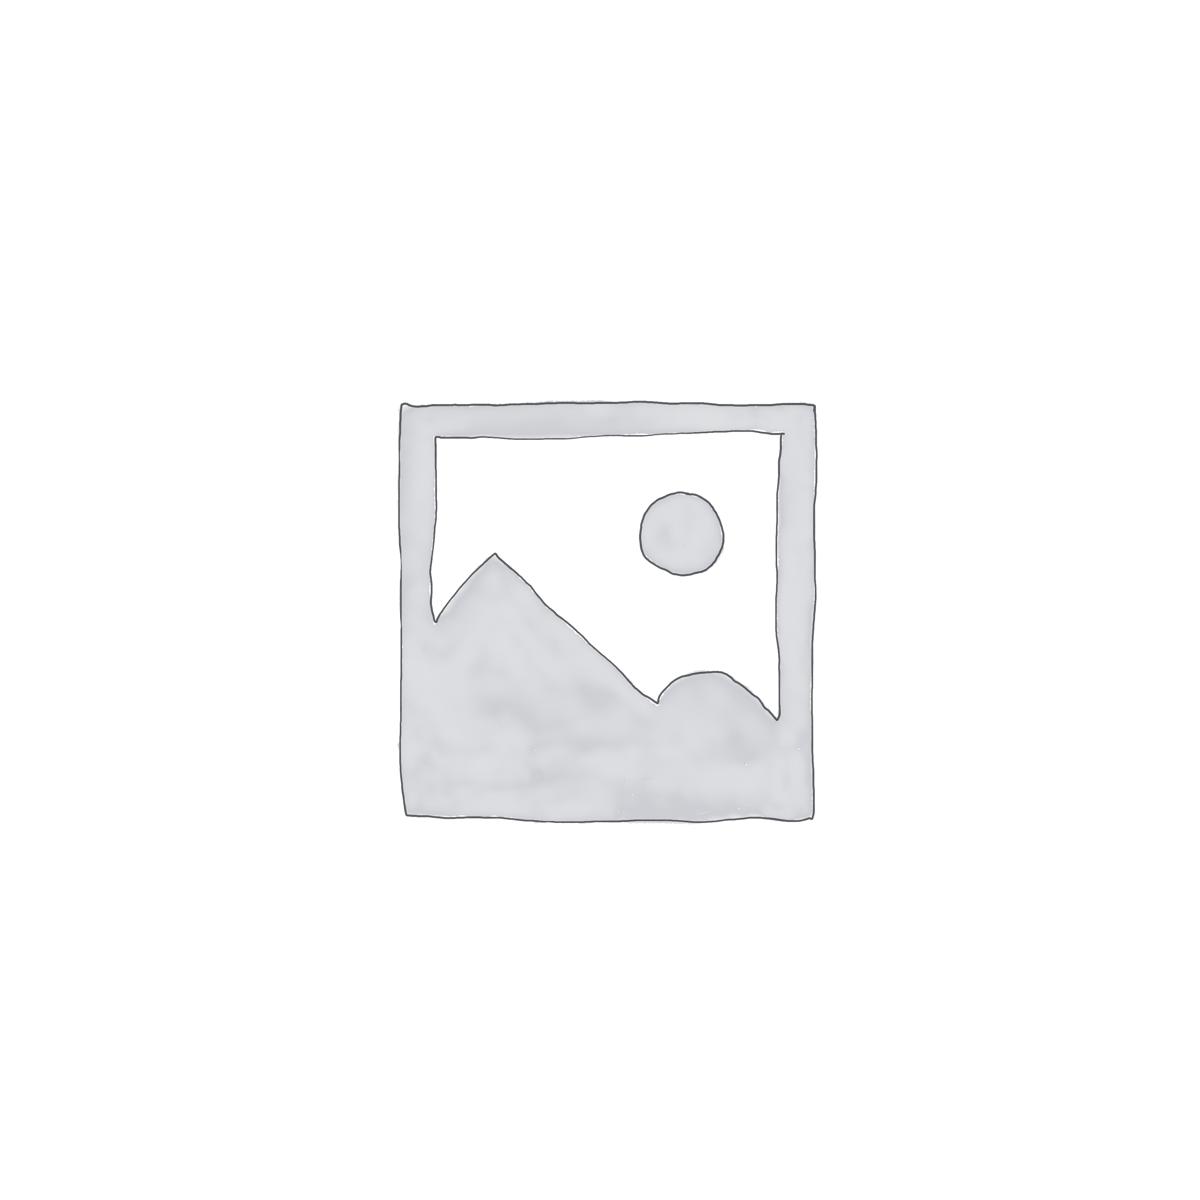 Переднее ограждение для строительной люльки (к стене)